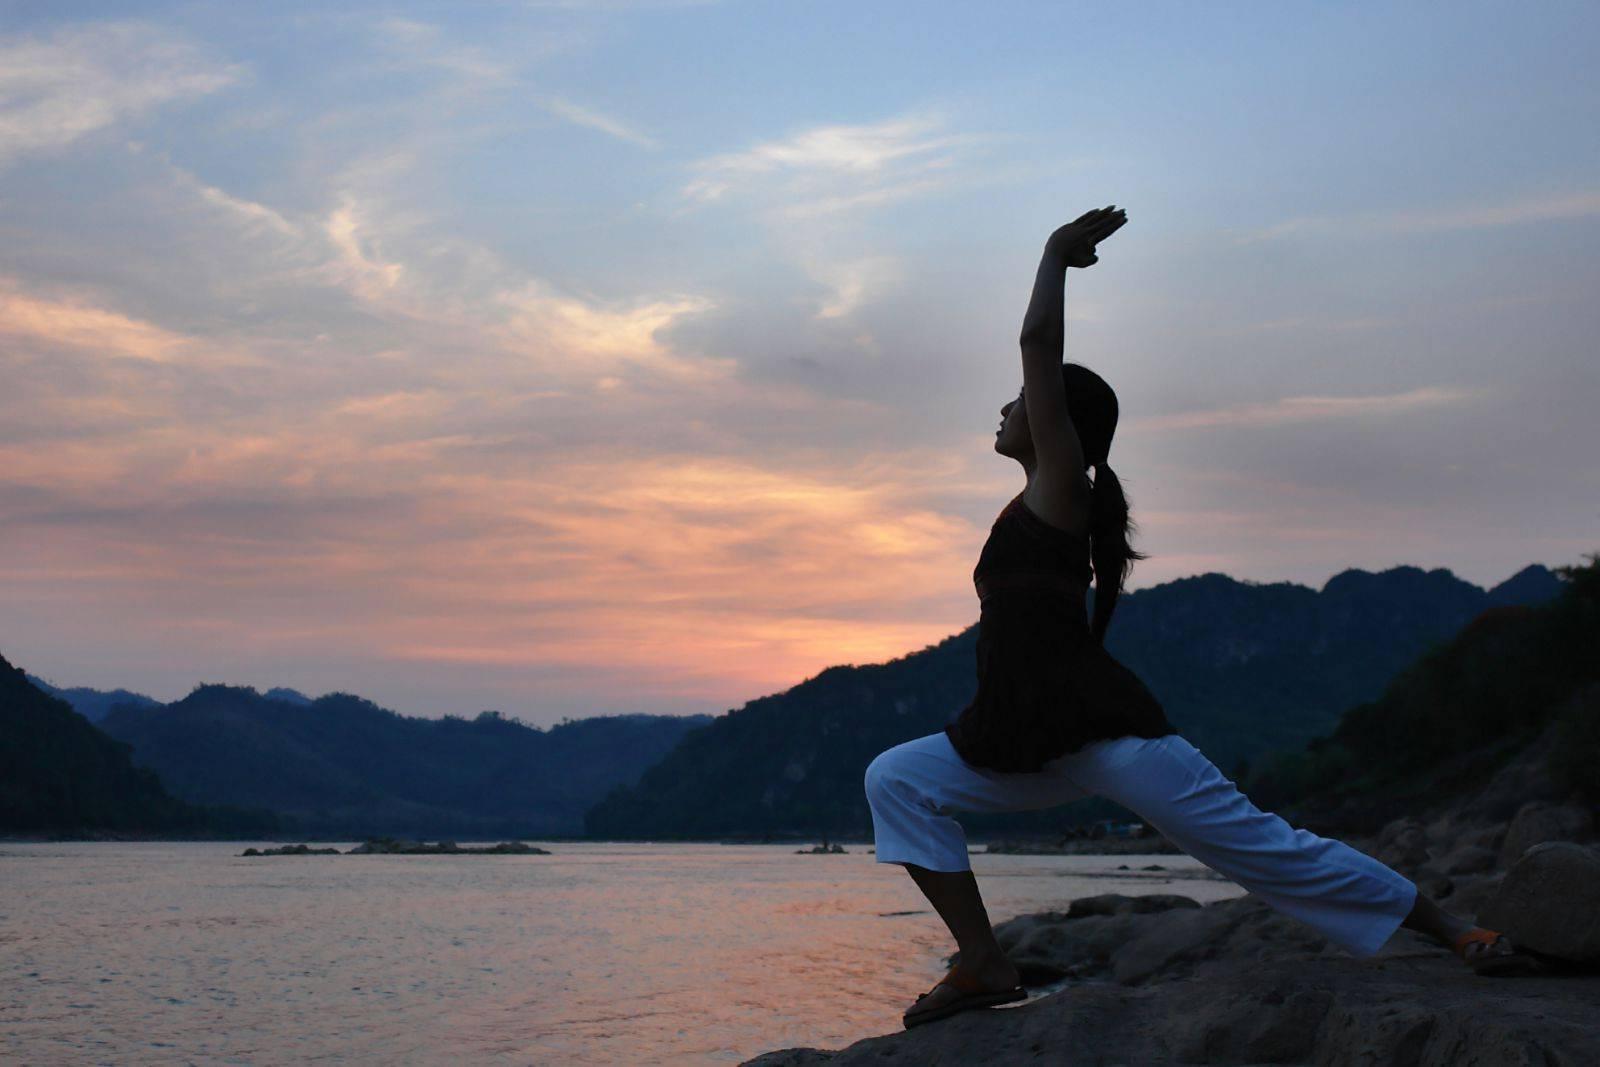 Упражнения для начинающих инь йоги: видео-уроки, что это за направление и его принципы